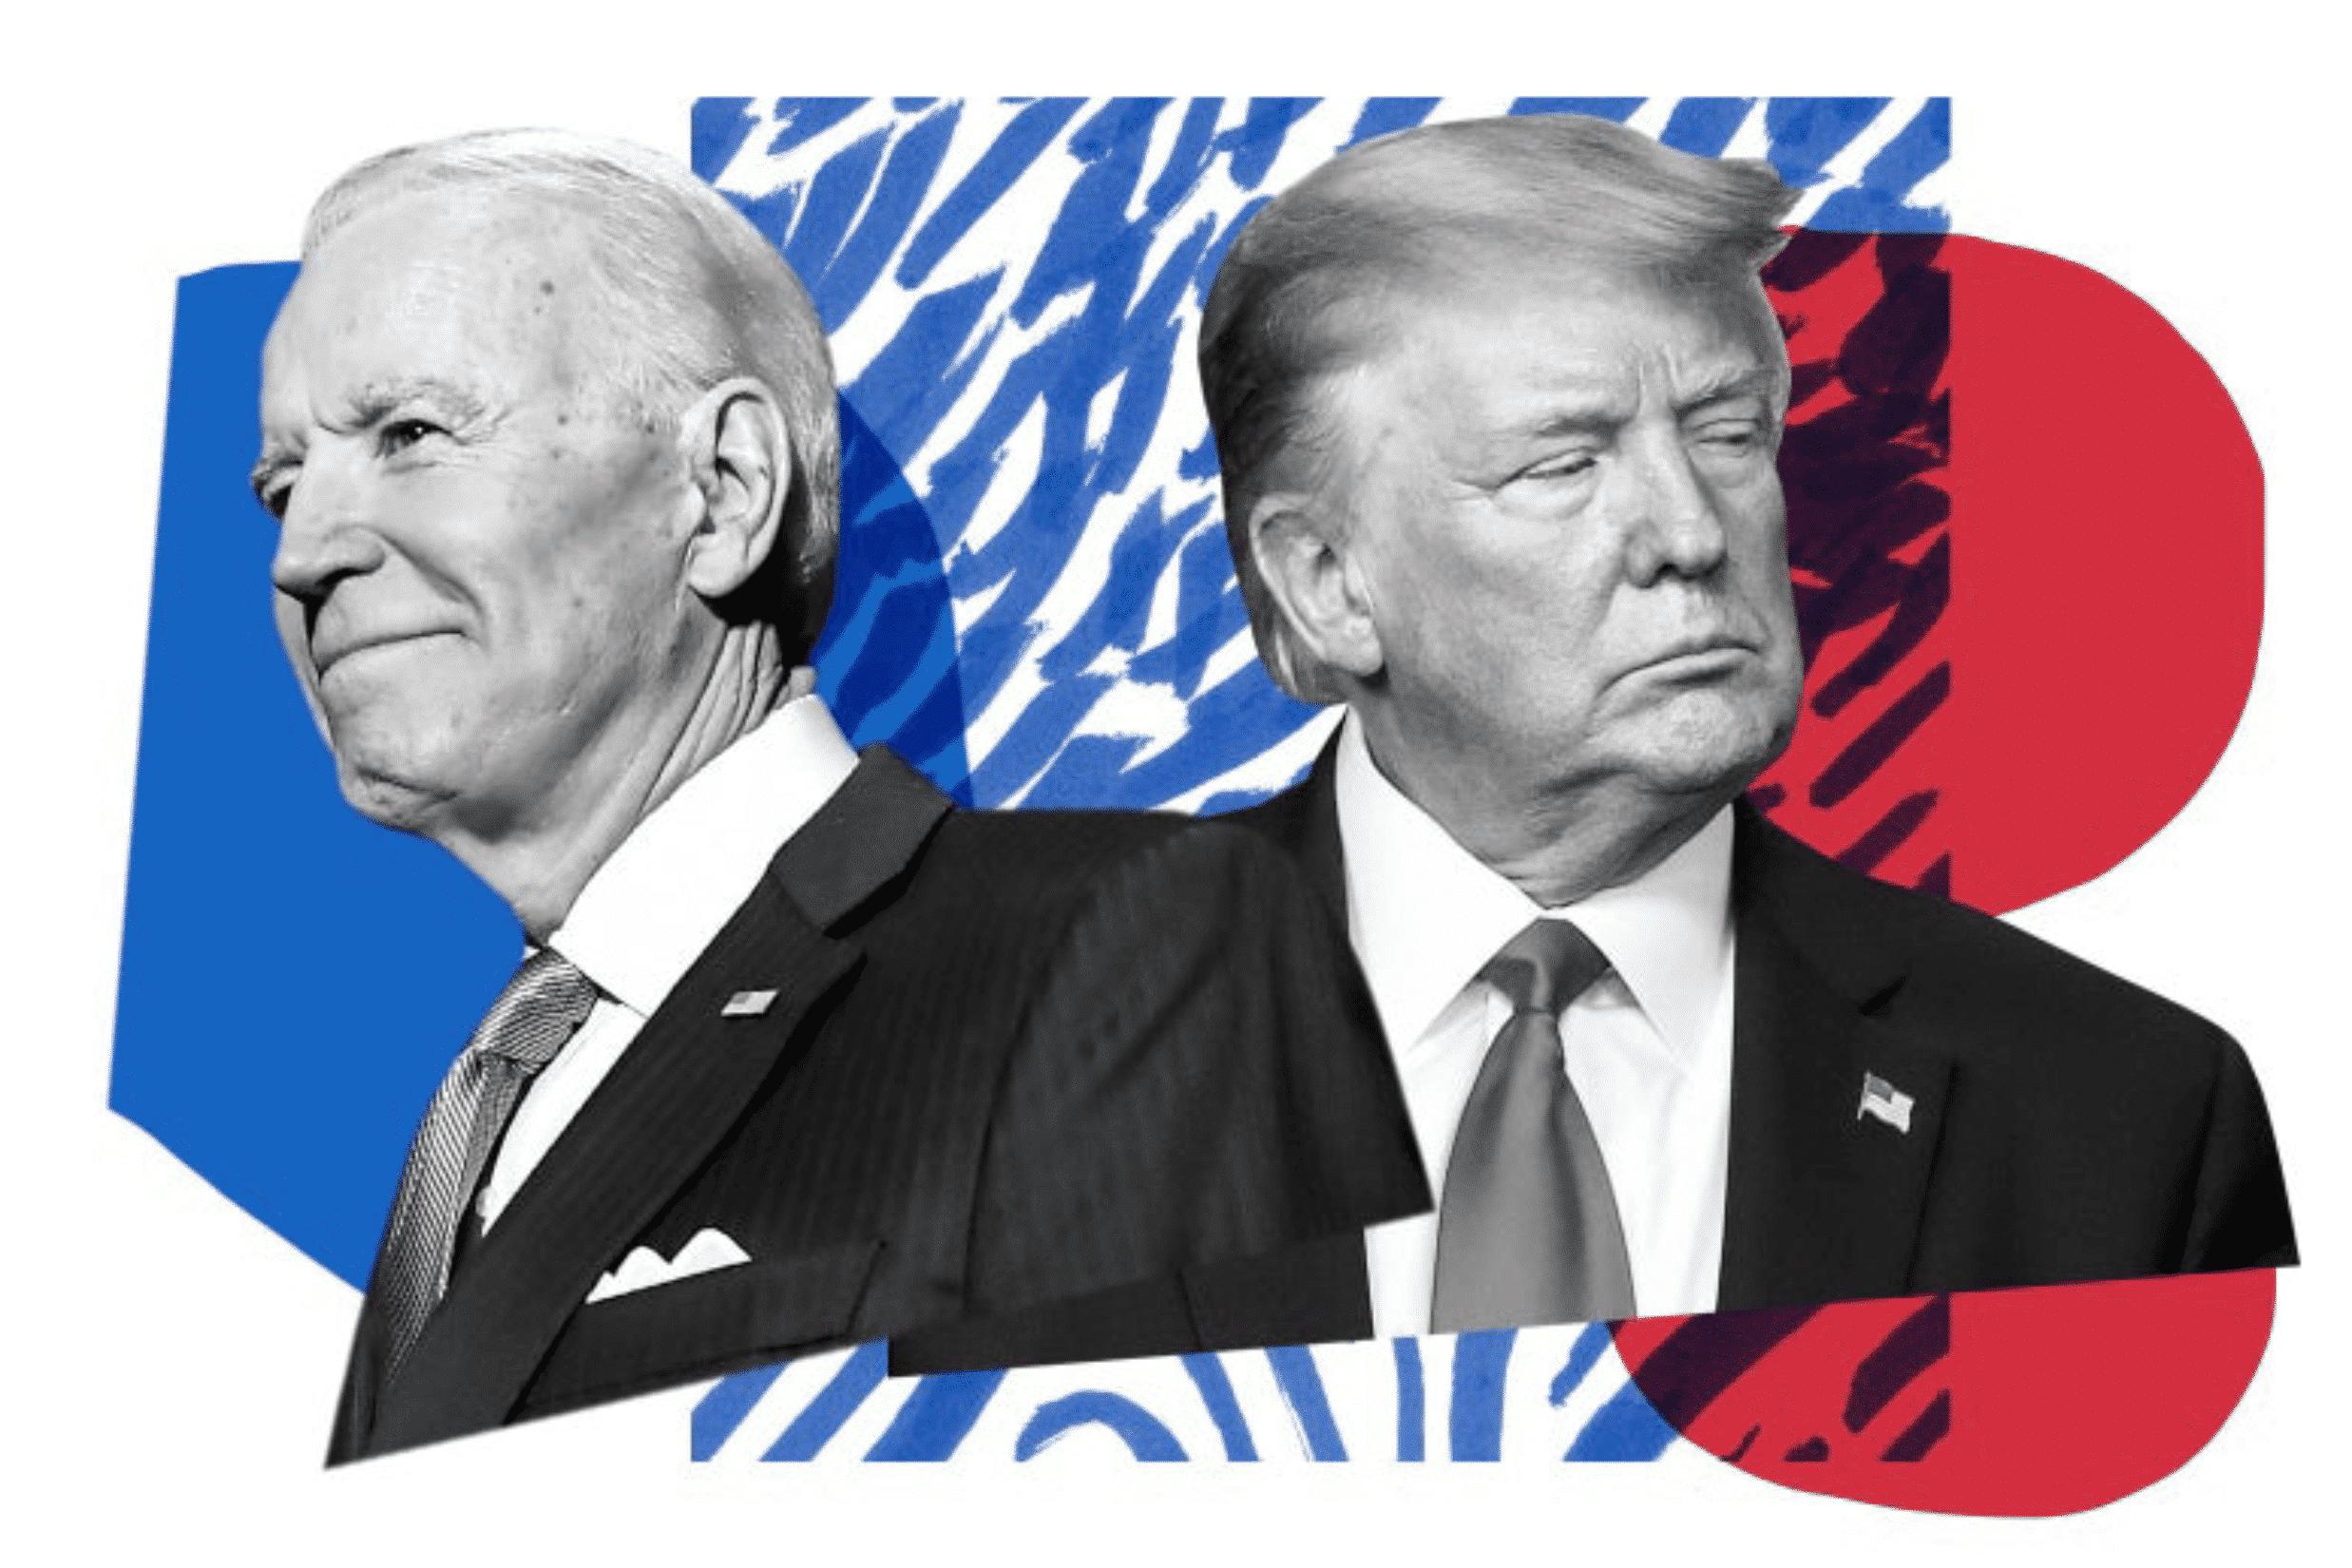 Νέα επεισόδια με τον Τραμπ που επιμένει για νοθεία στις εκλογές - Κάλεσε τον κυβερνήτη στην Τζόρτζια «να ακυρώσει» τις επαναληπτικές εκλογές